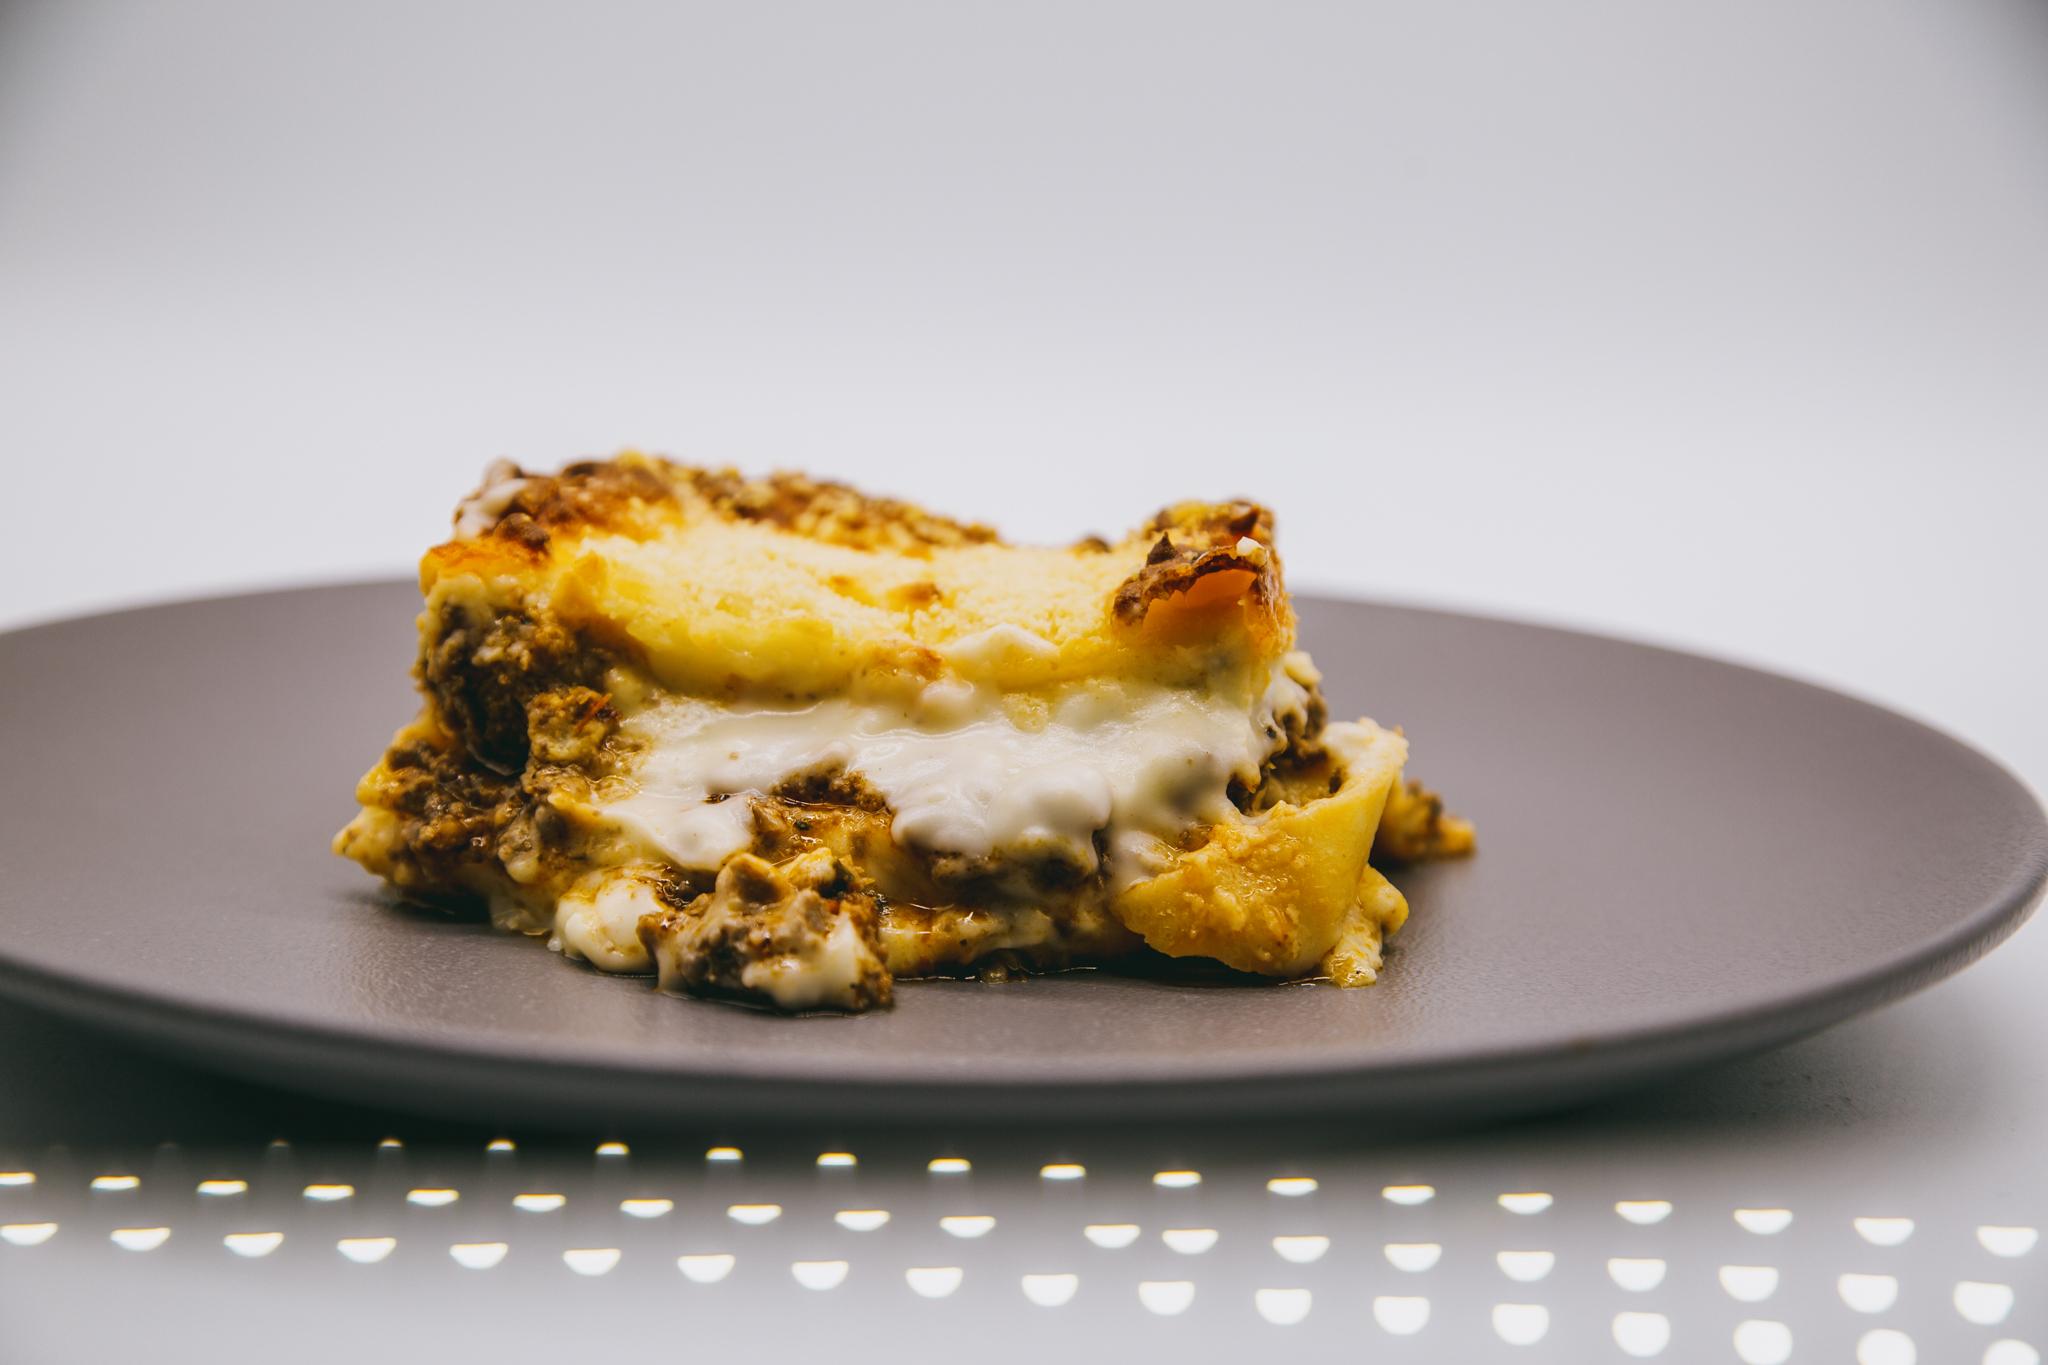 Cater_Box: disfruta de comidas caseras con un giro gourmet sin la necesidad de cocinar